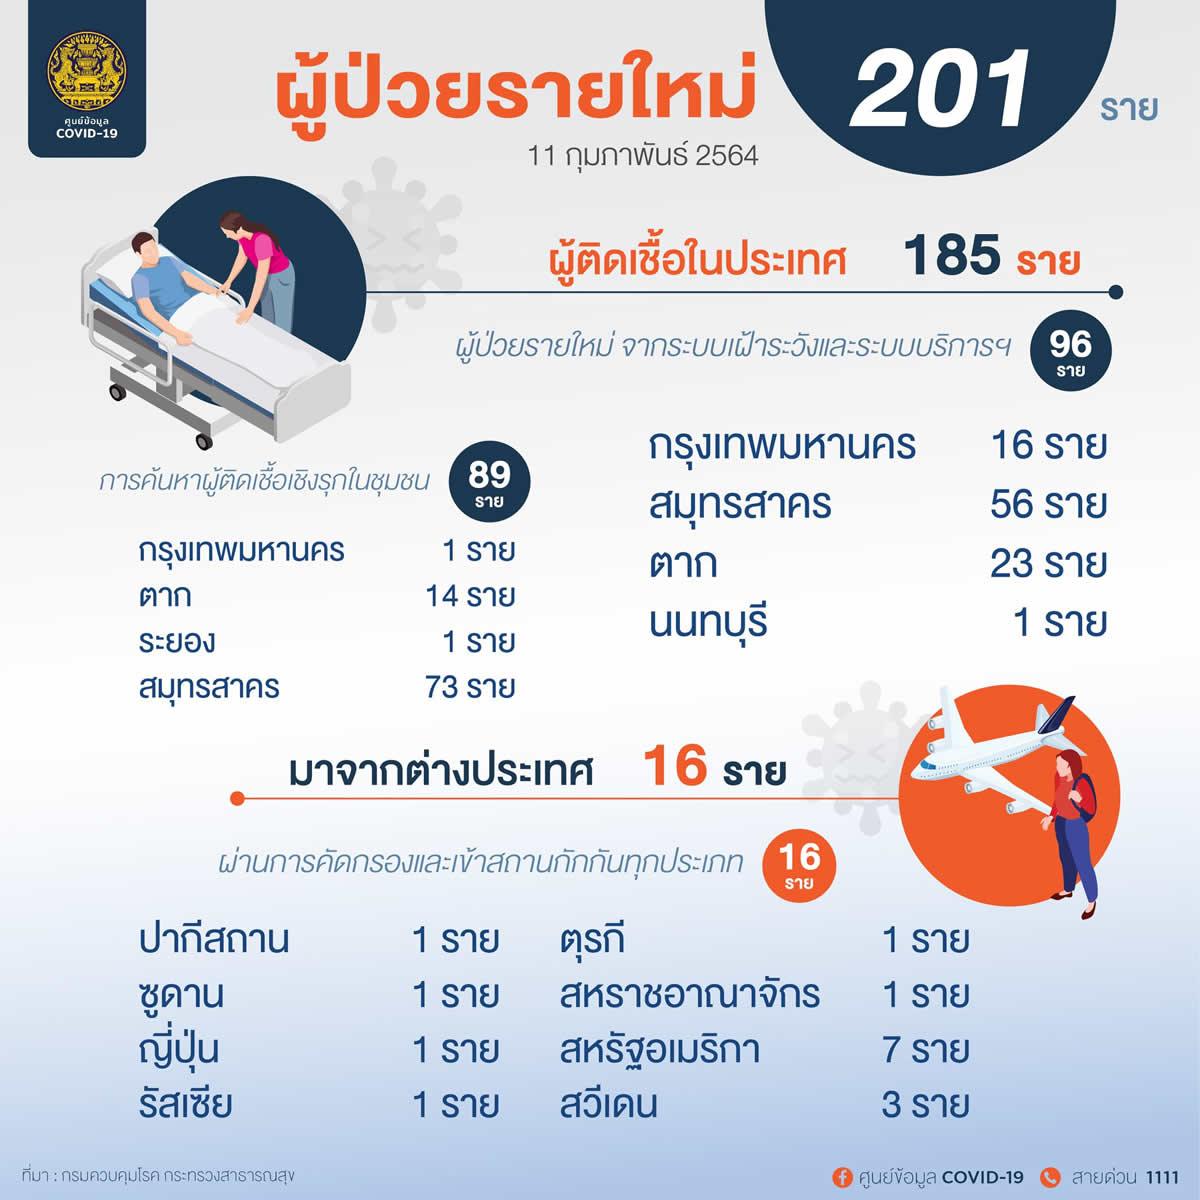 新規タイ国内感染は185人~サムットサコン129人、ターク37、バンコク17人など[2021年2月11日発表]